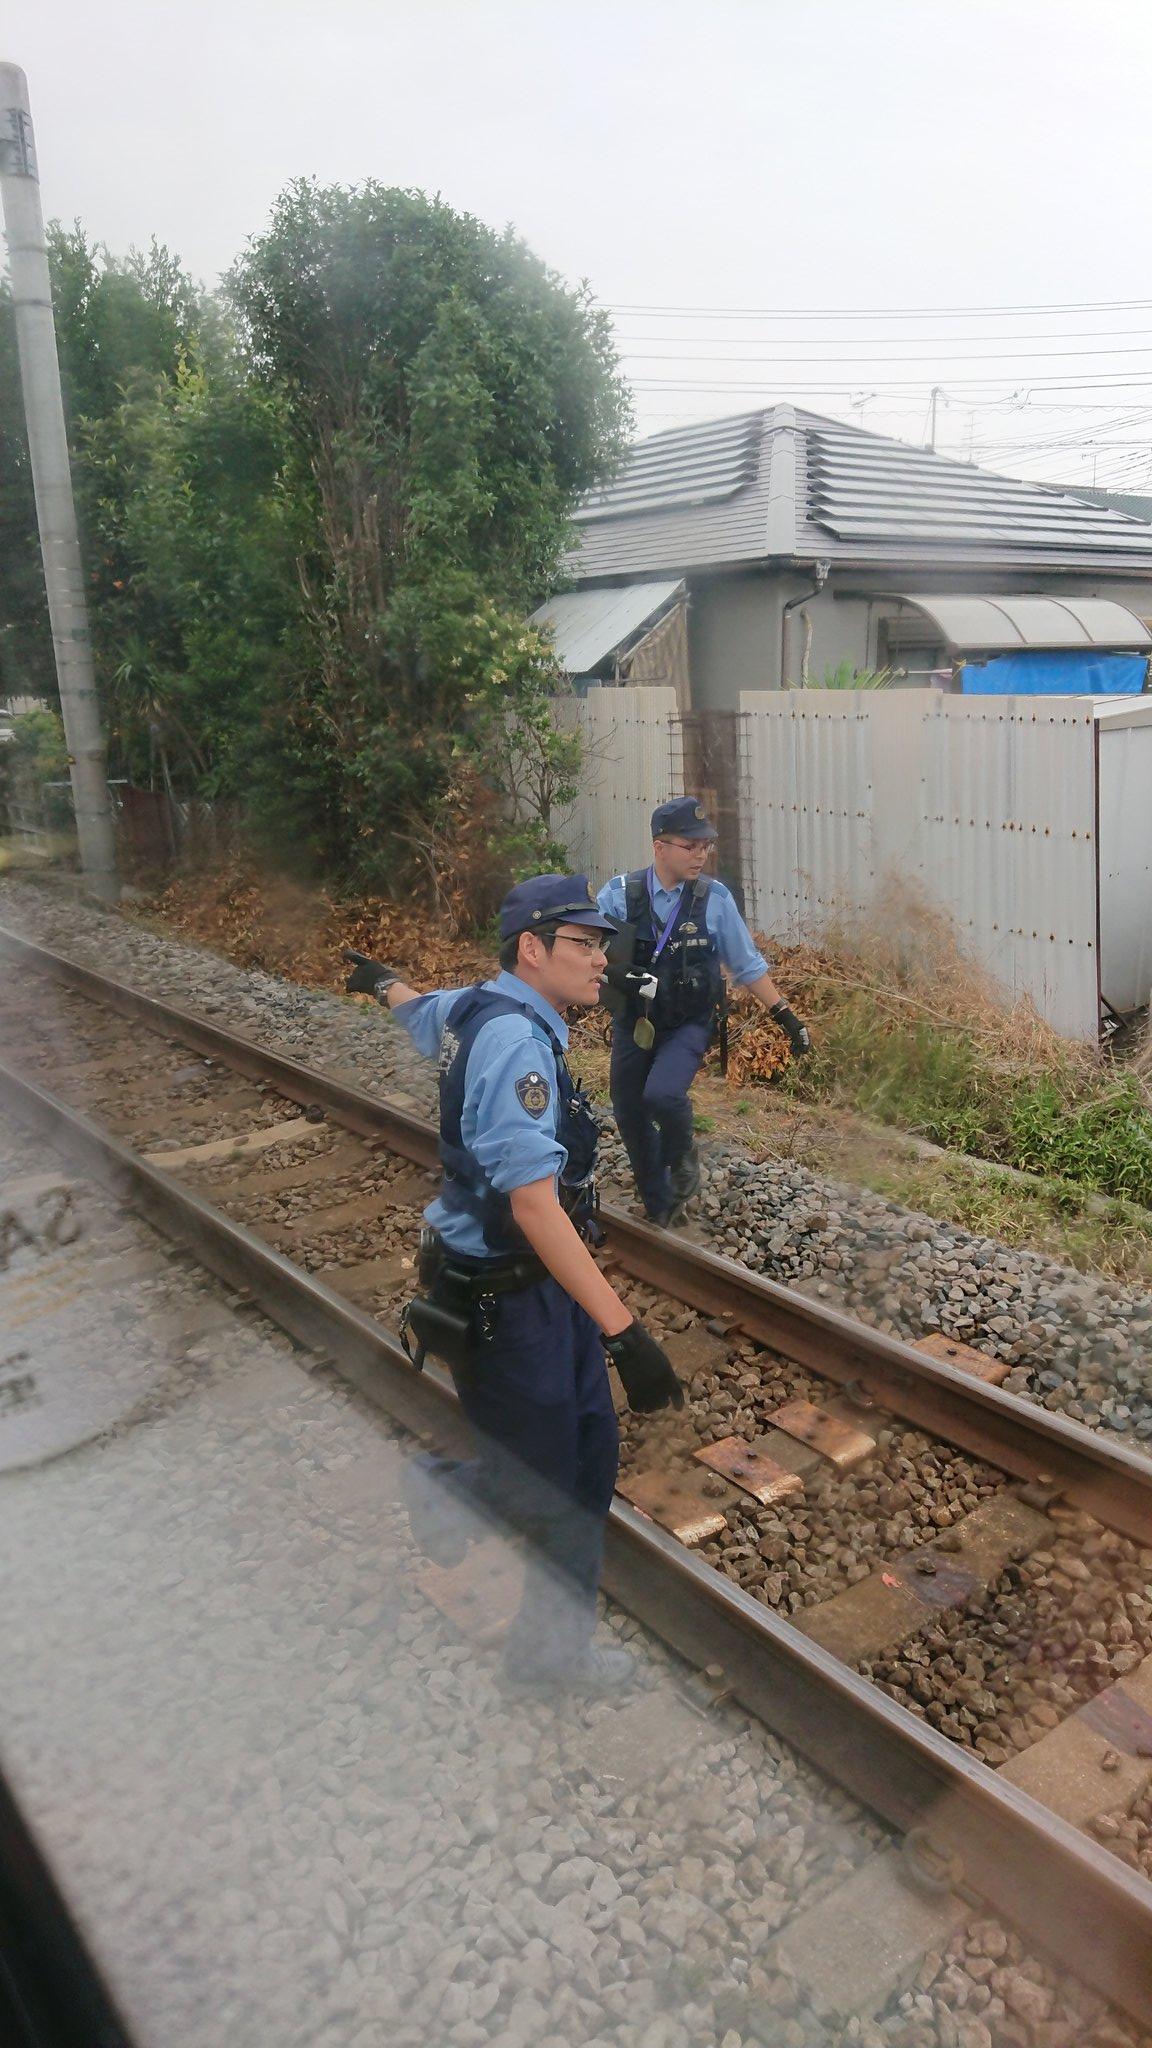 高崎線の人身事故で現場検証している画像